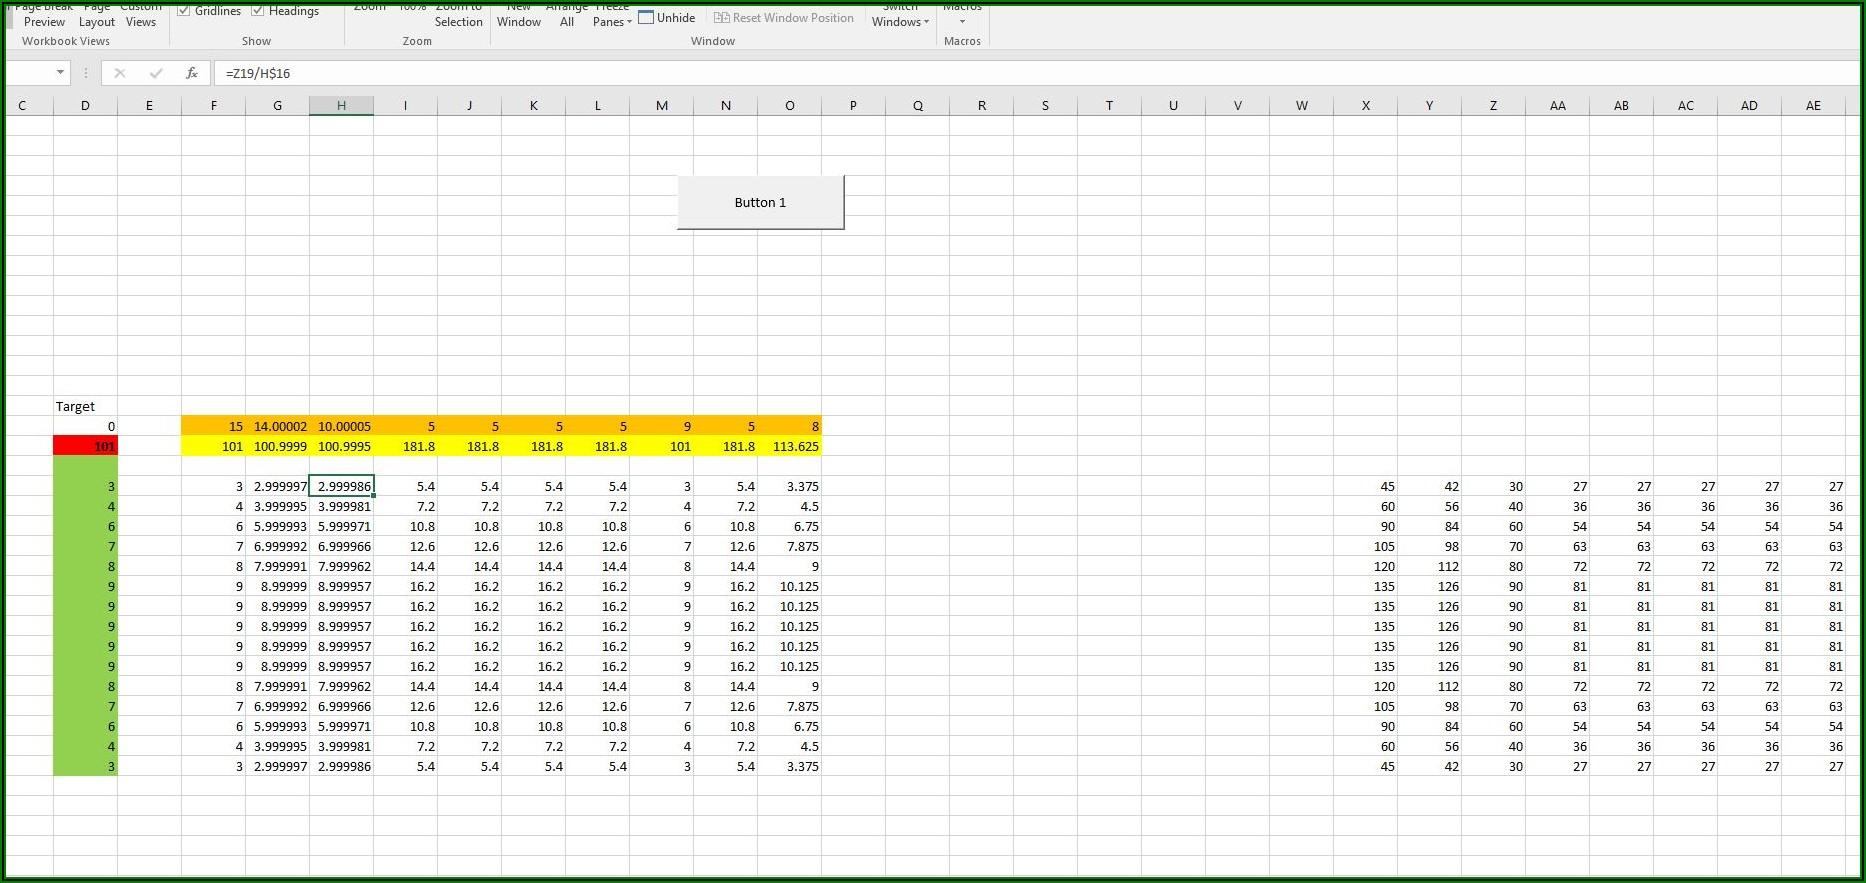 Worksheet Function Vba Excel